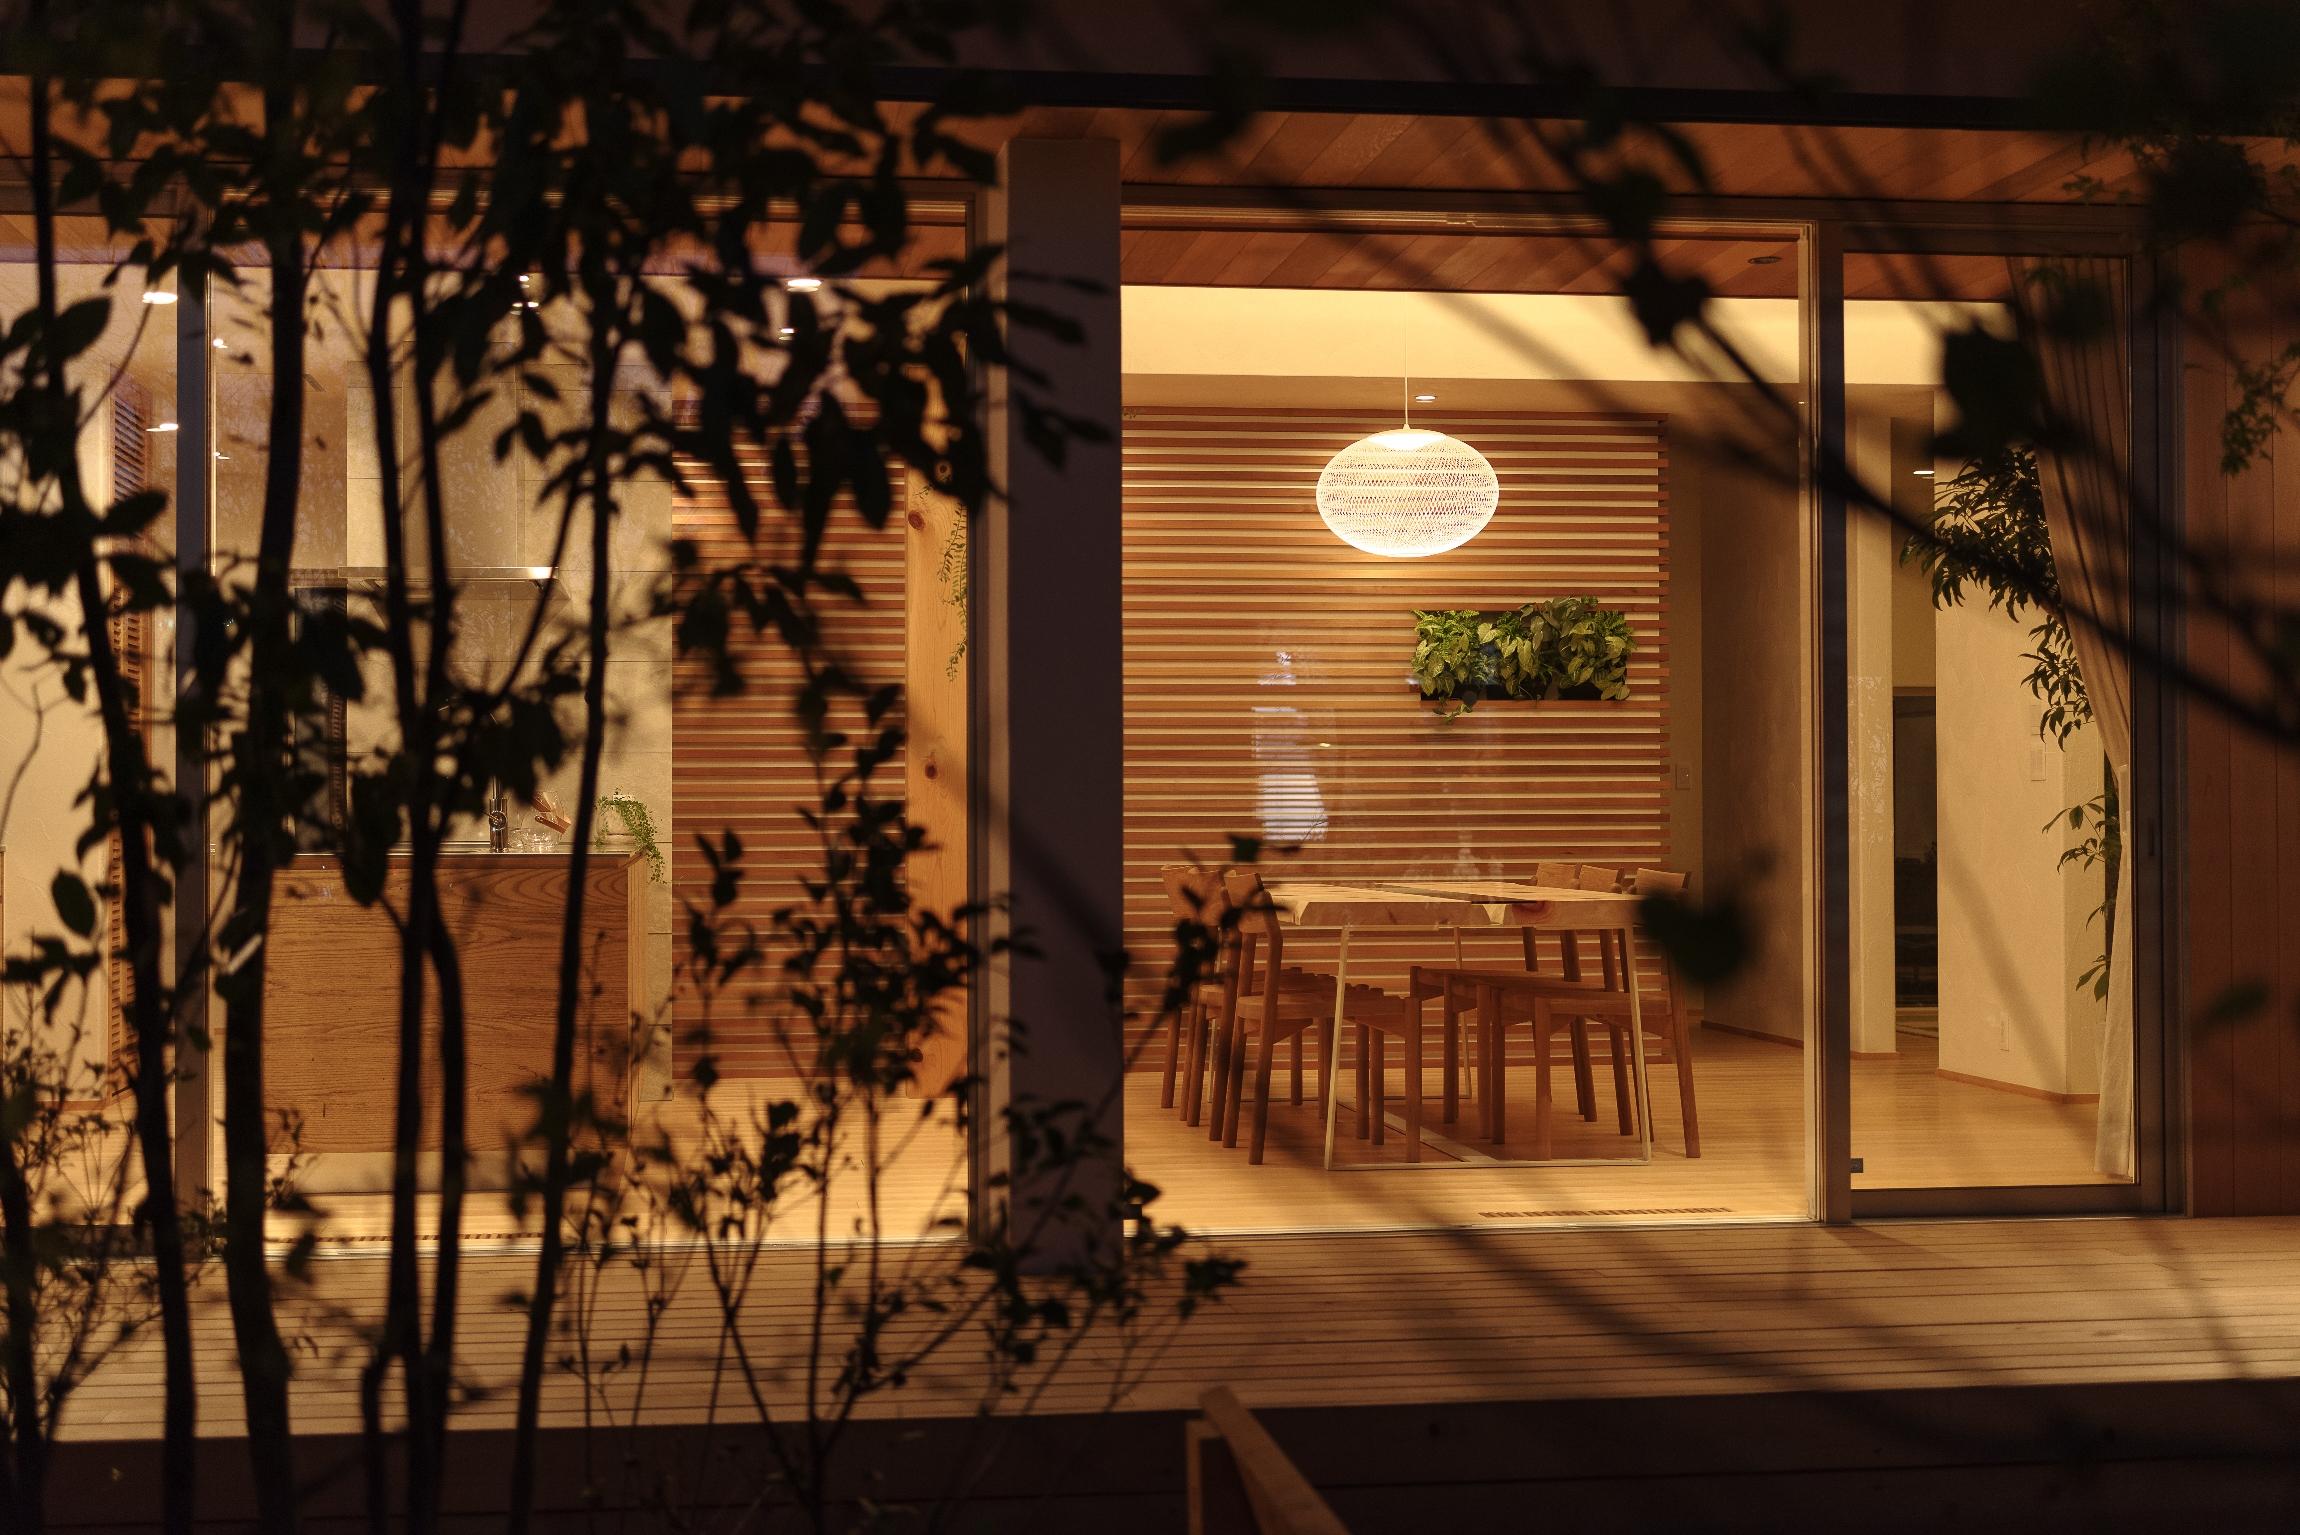 コンセプトハウスを中庭から写真をとったところ、夜も良い体感ができますように。